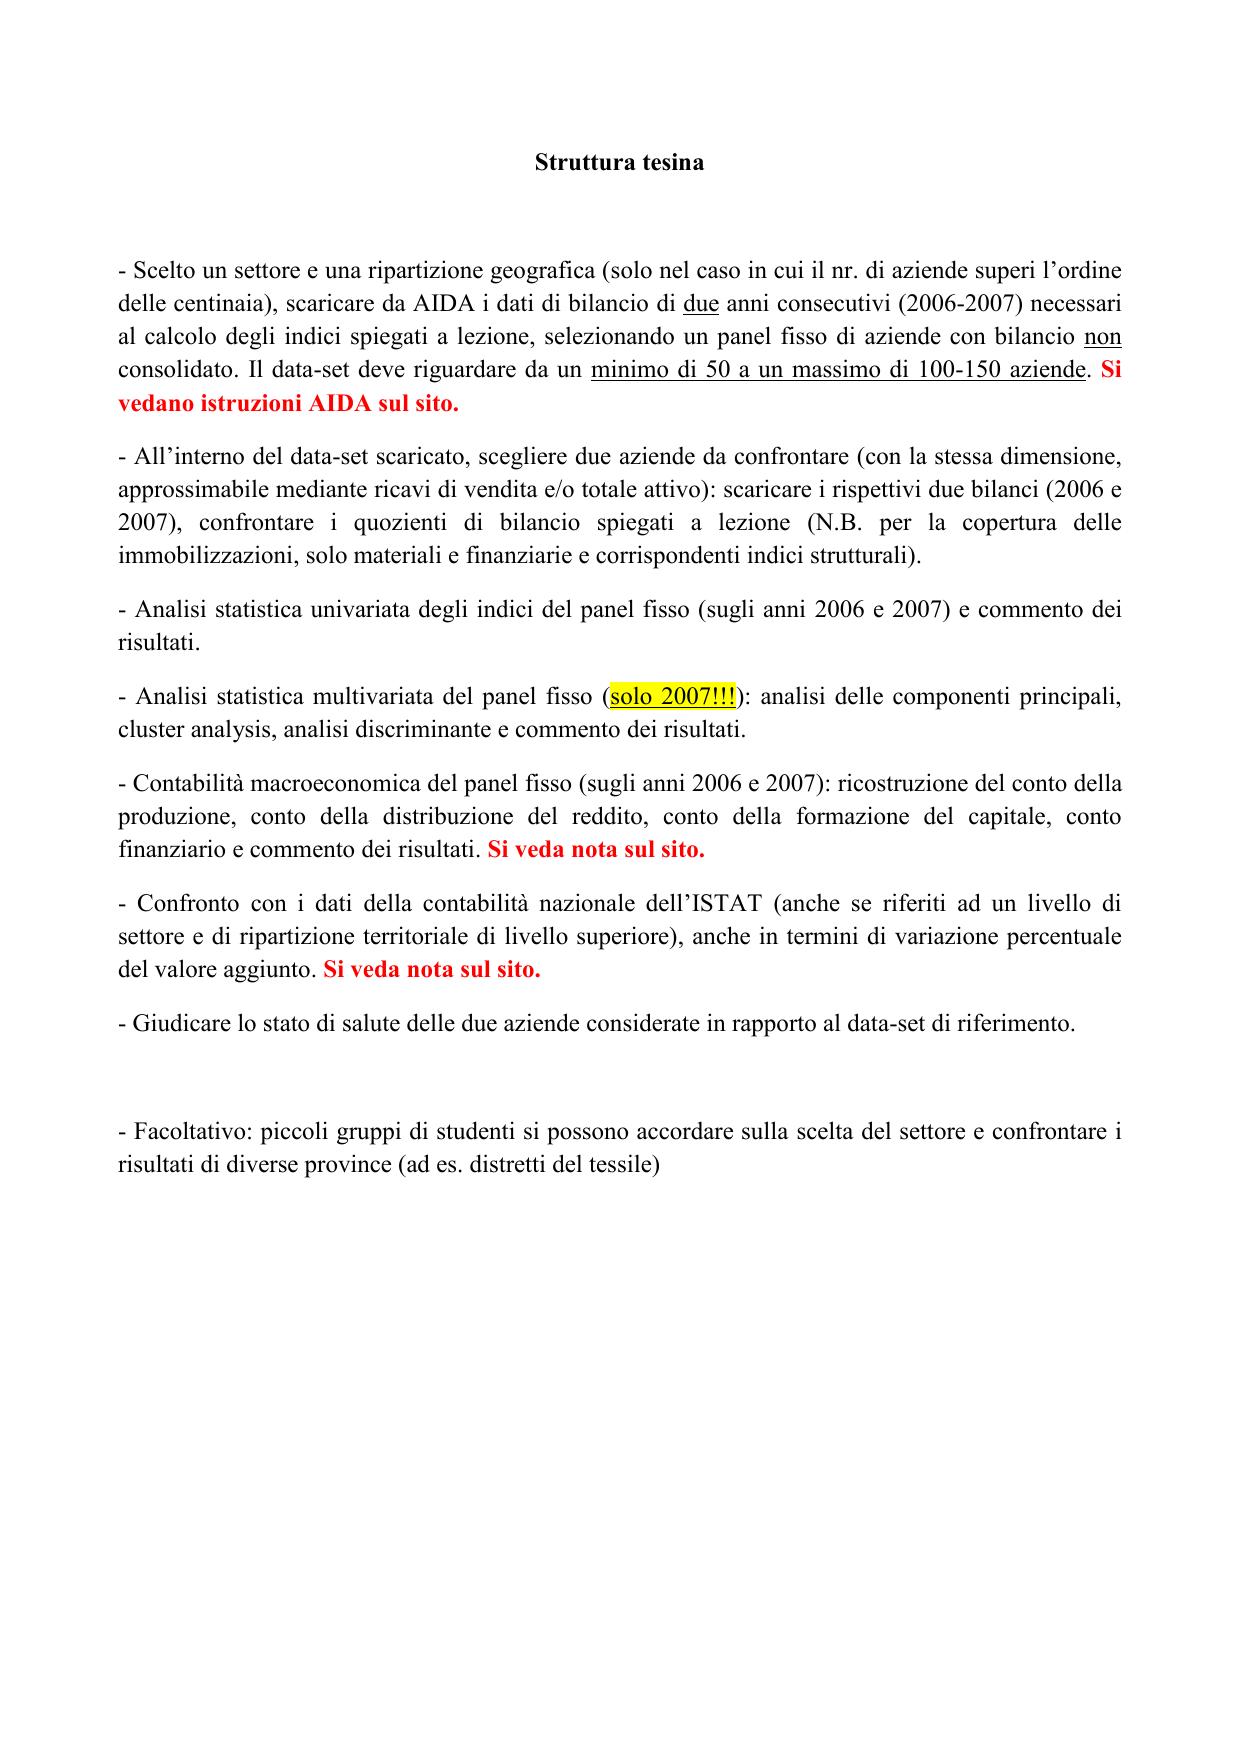 SCARICARE BILANCI DA AIDA